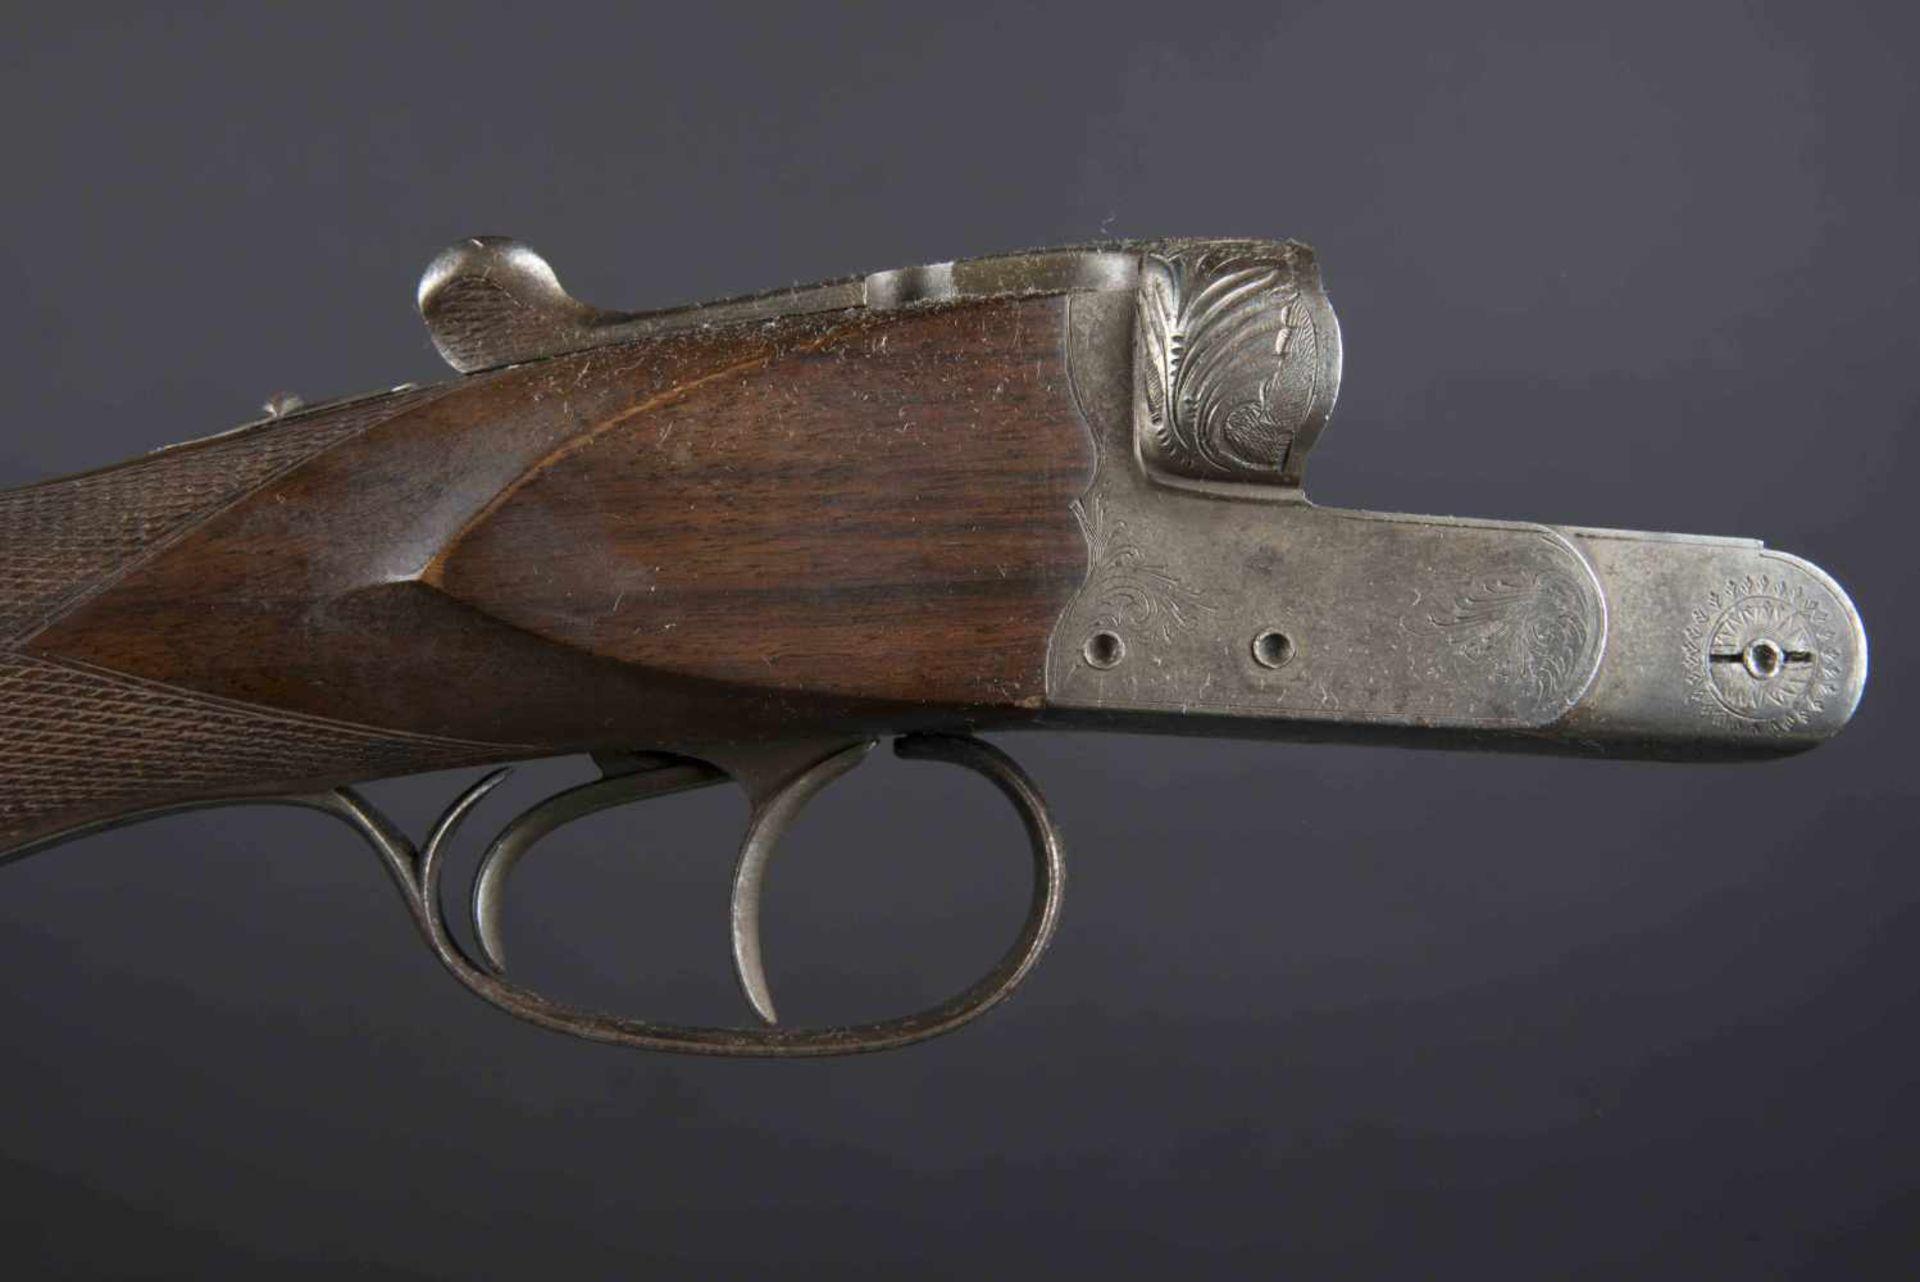 Fusil de chasse juxtaposé Robust Catégorie C Calibre 16/70, numéro 745236. En carton, jamais - Bild 2 aus 4